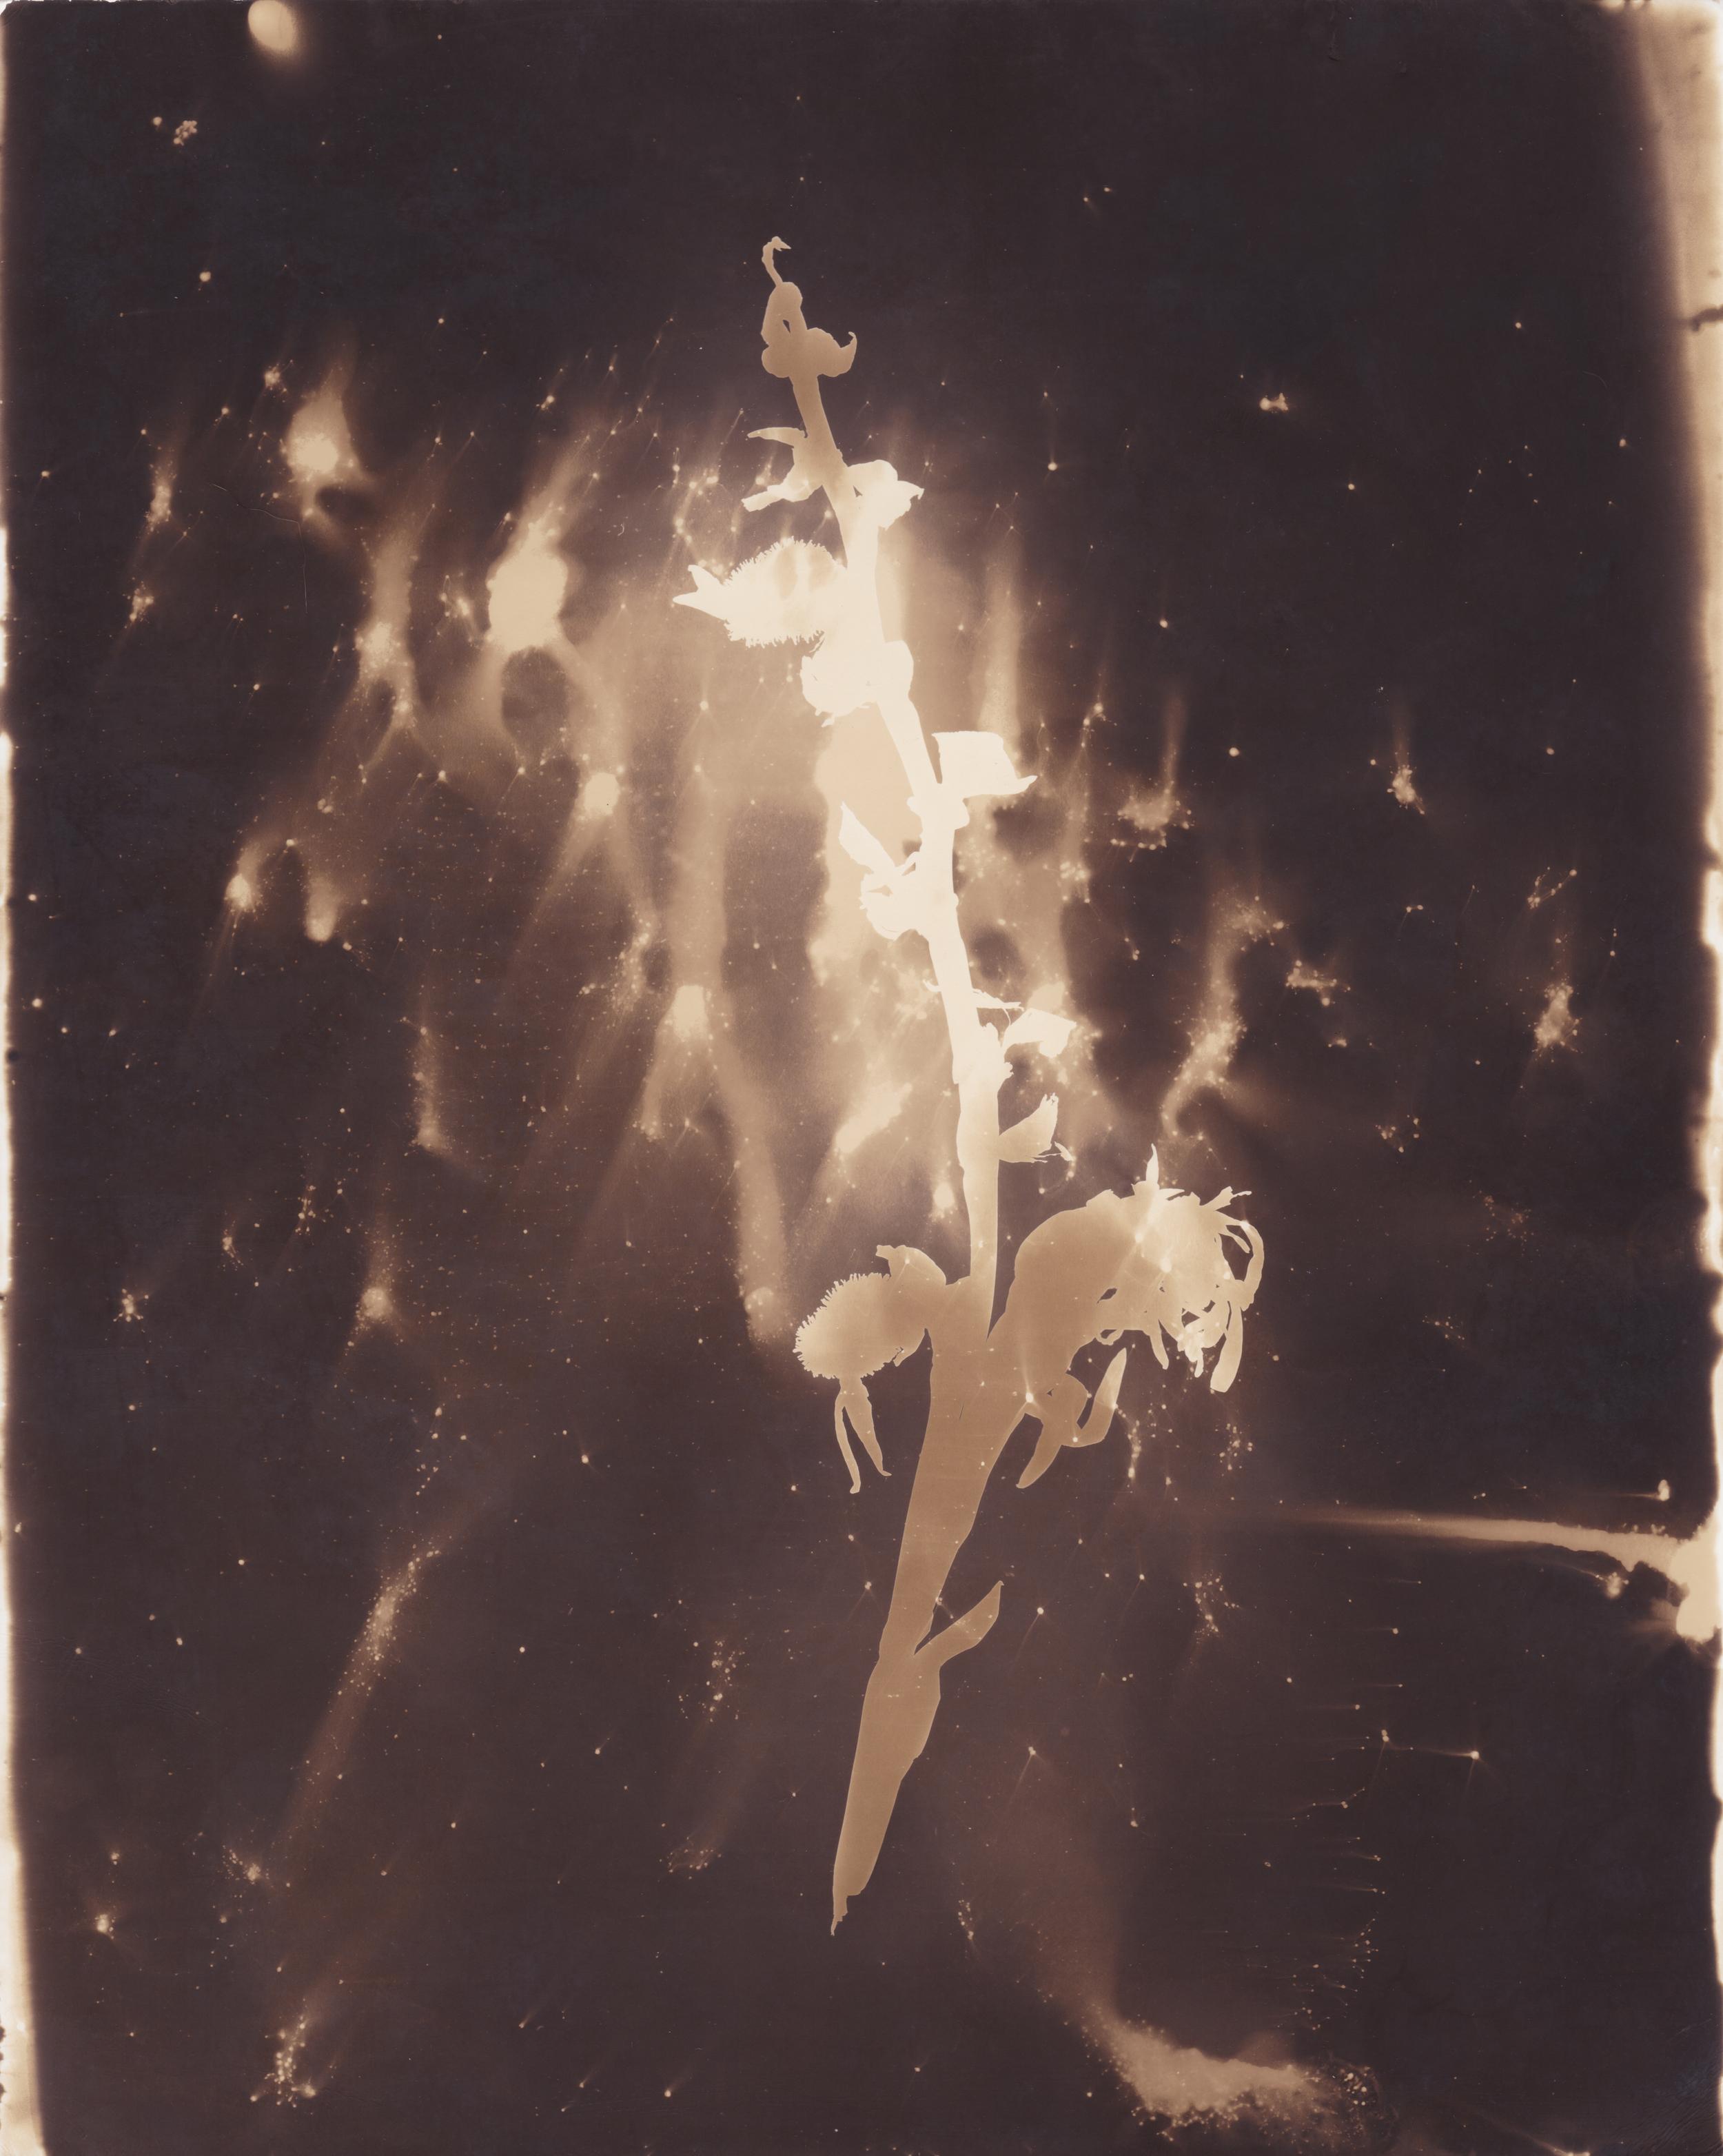 A Vast Nebular Cloud